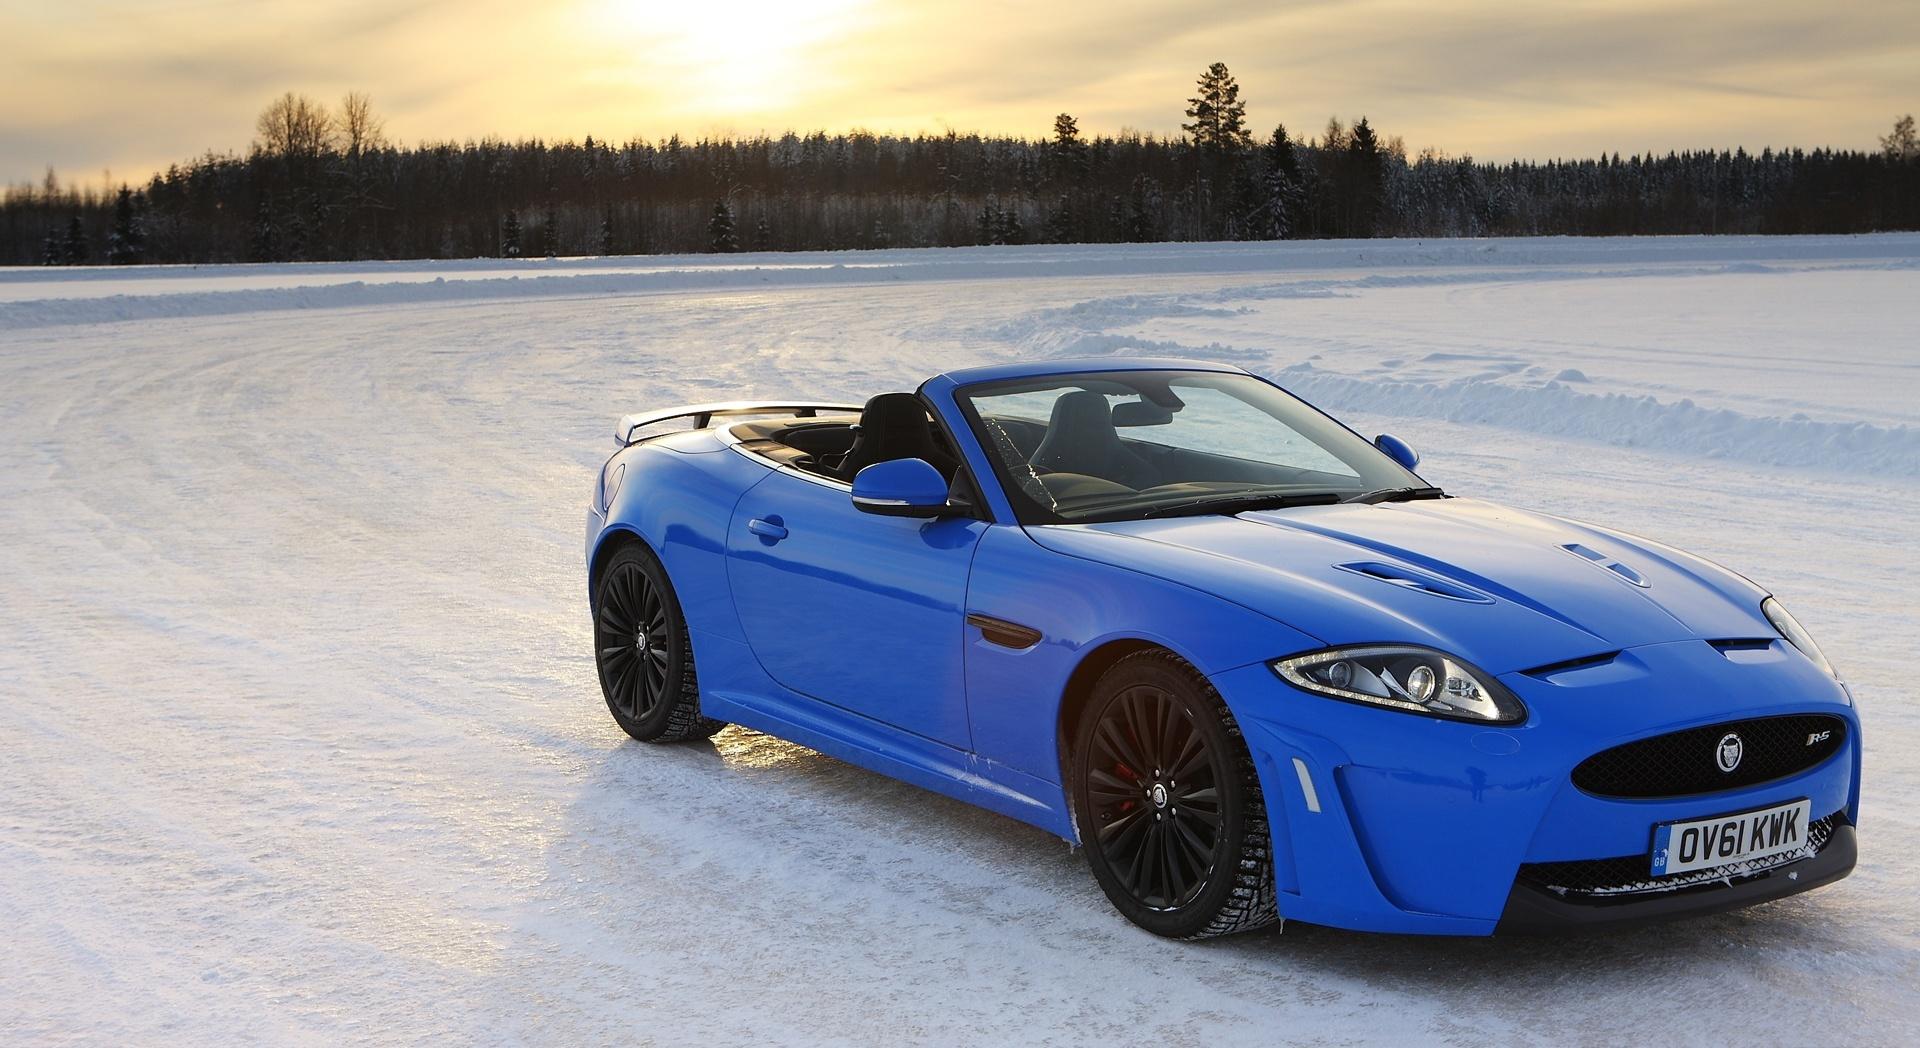 jaguar xkr blue cool